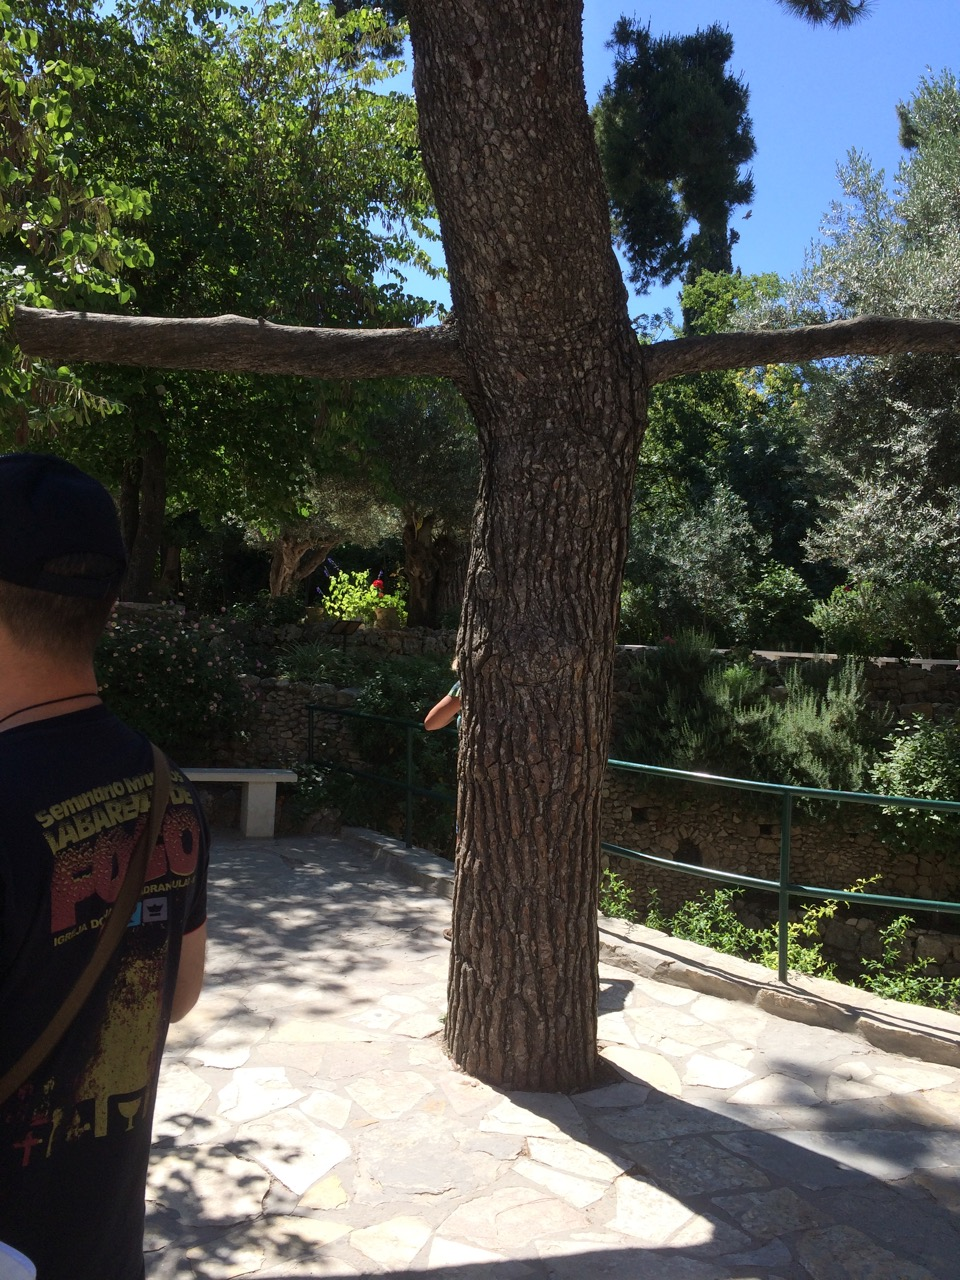 Tree in the shape of a Cross near the Garden Tomb, Jerusalem